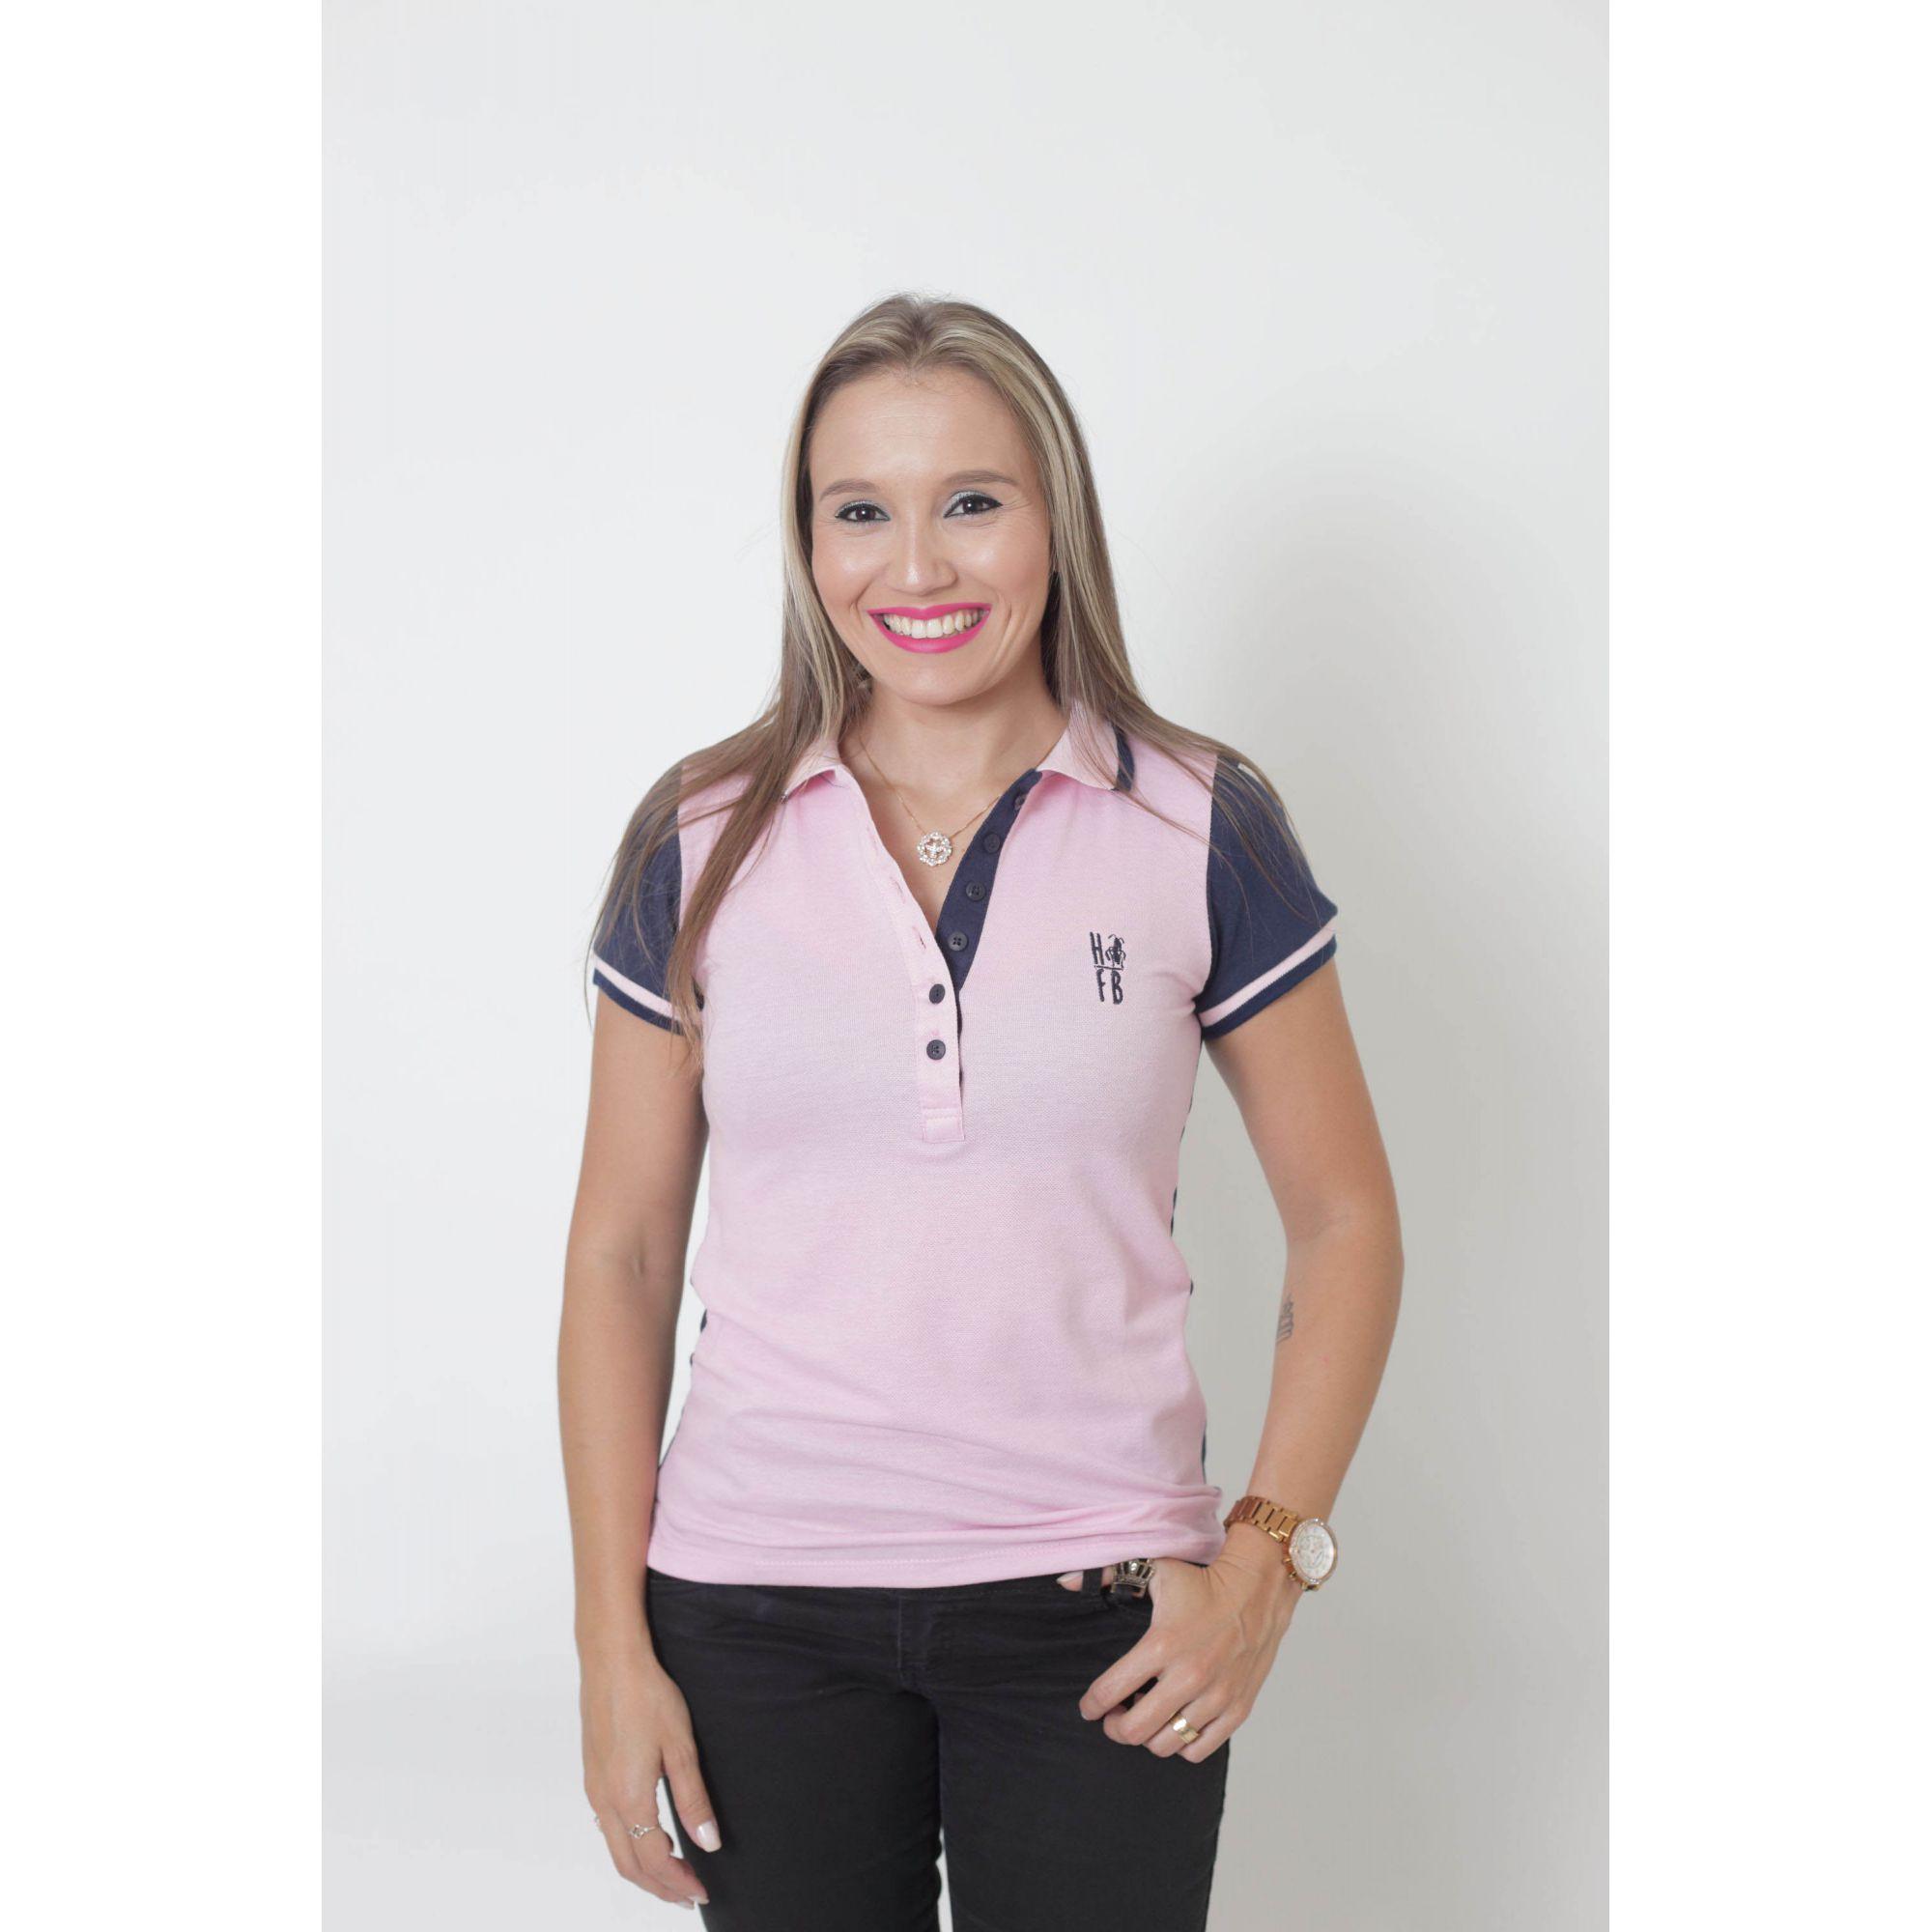 MÃE E FILHO > Kit 02 Peças - Camisa + Body Unissex Polo - Dual Cor Rosa e Marinho [Coleção Tal Mãe Tal Filho]  - Heitor Fashion Brazil